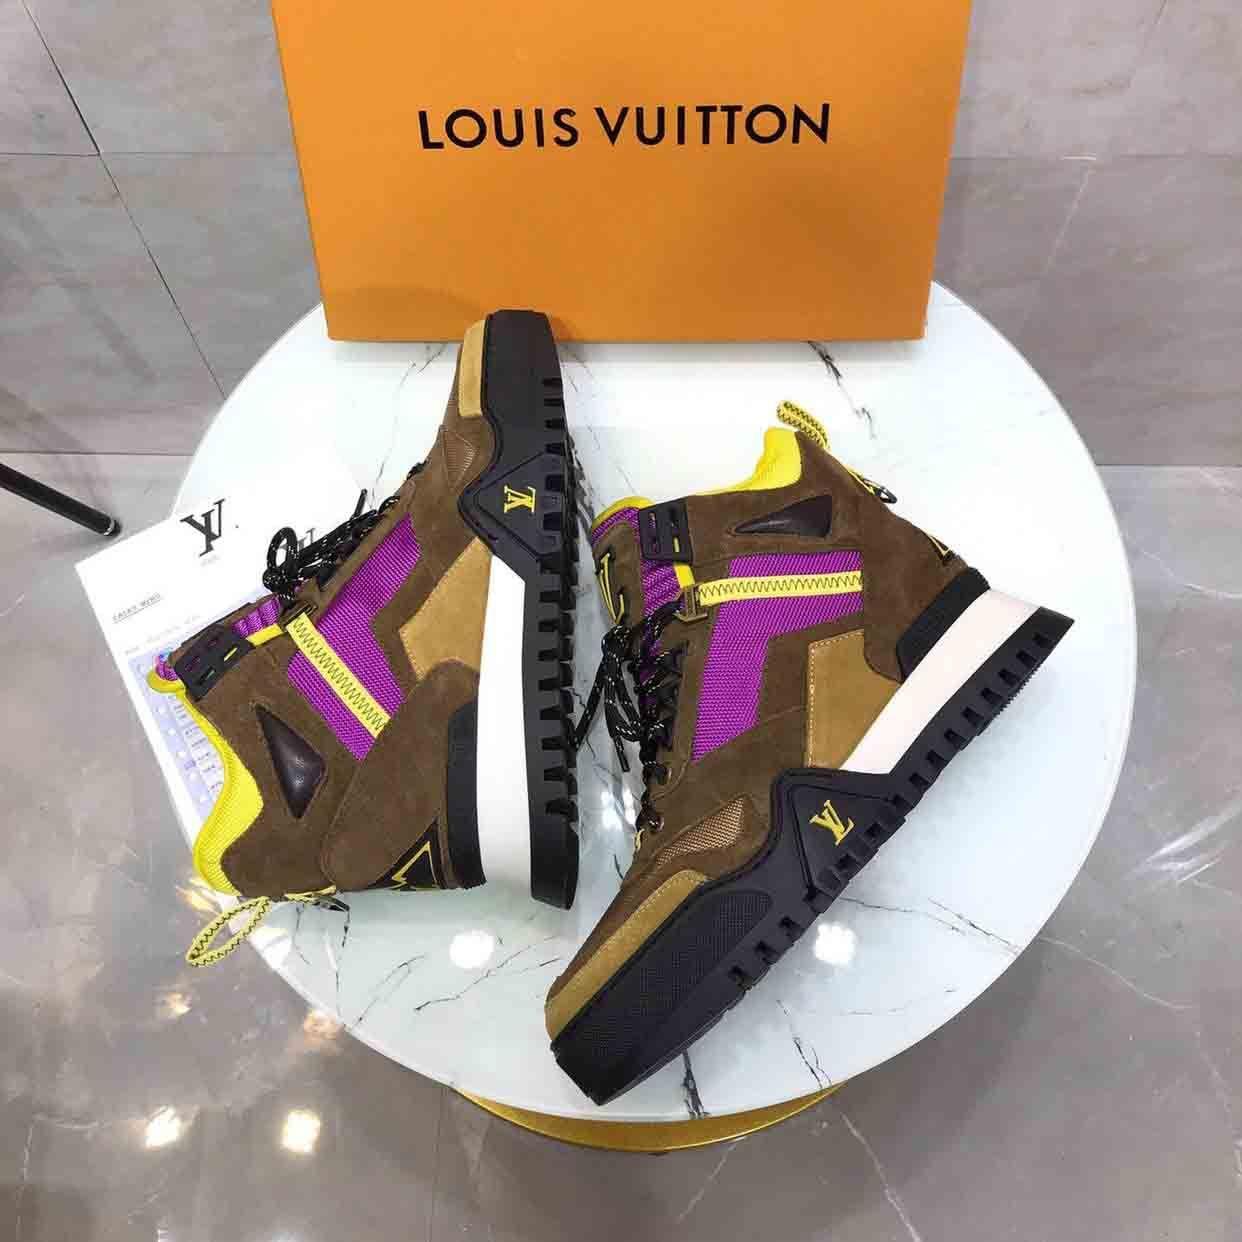 2020 zapatillas deporte lujo cáqui malha high top formadores antiderrapante único de design exterior marcas de luxo corrida a pé sneakers # 1F